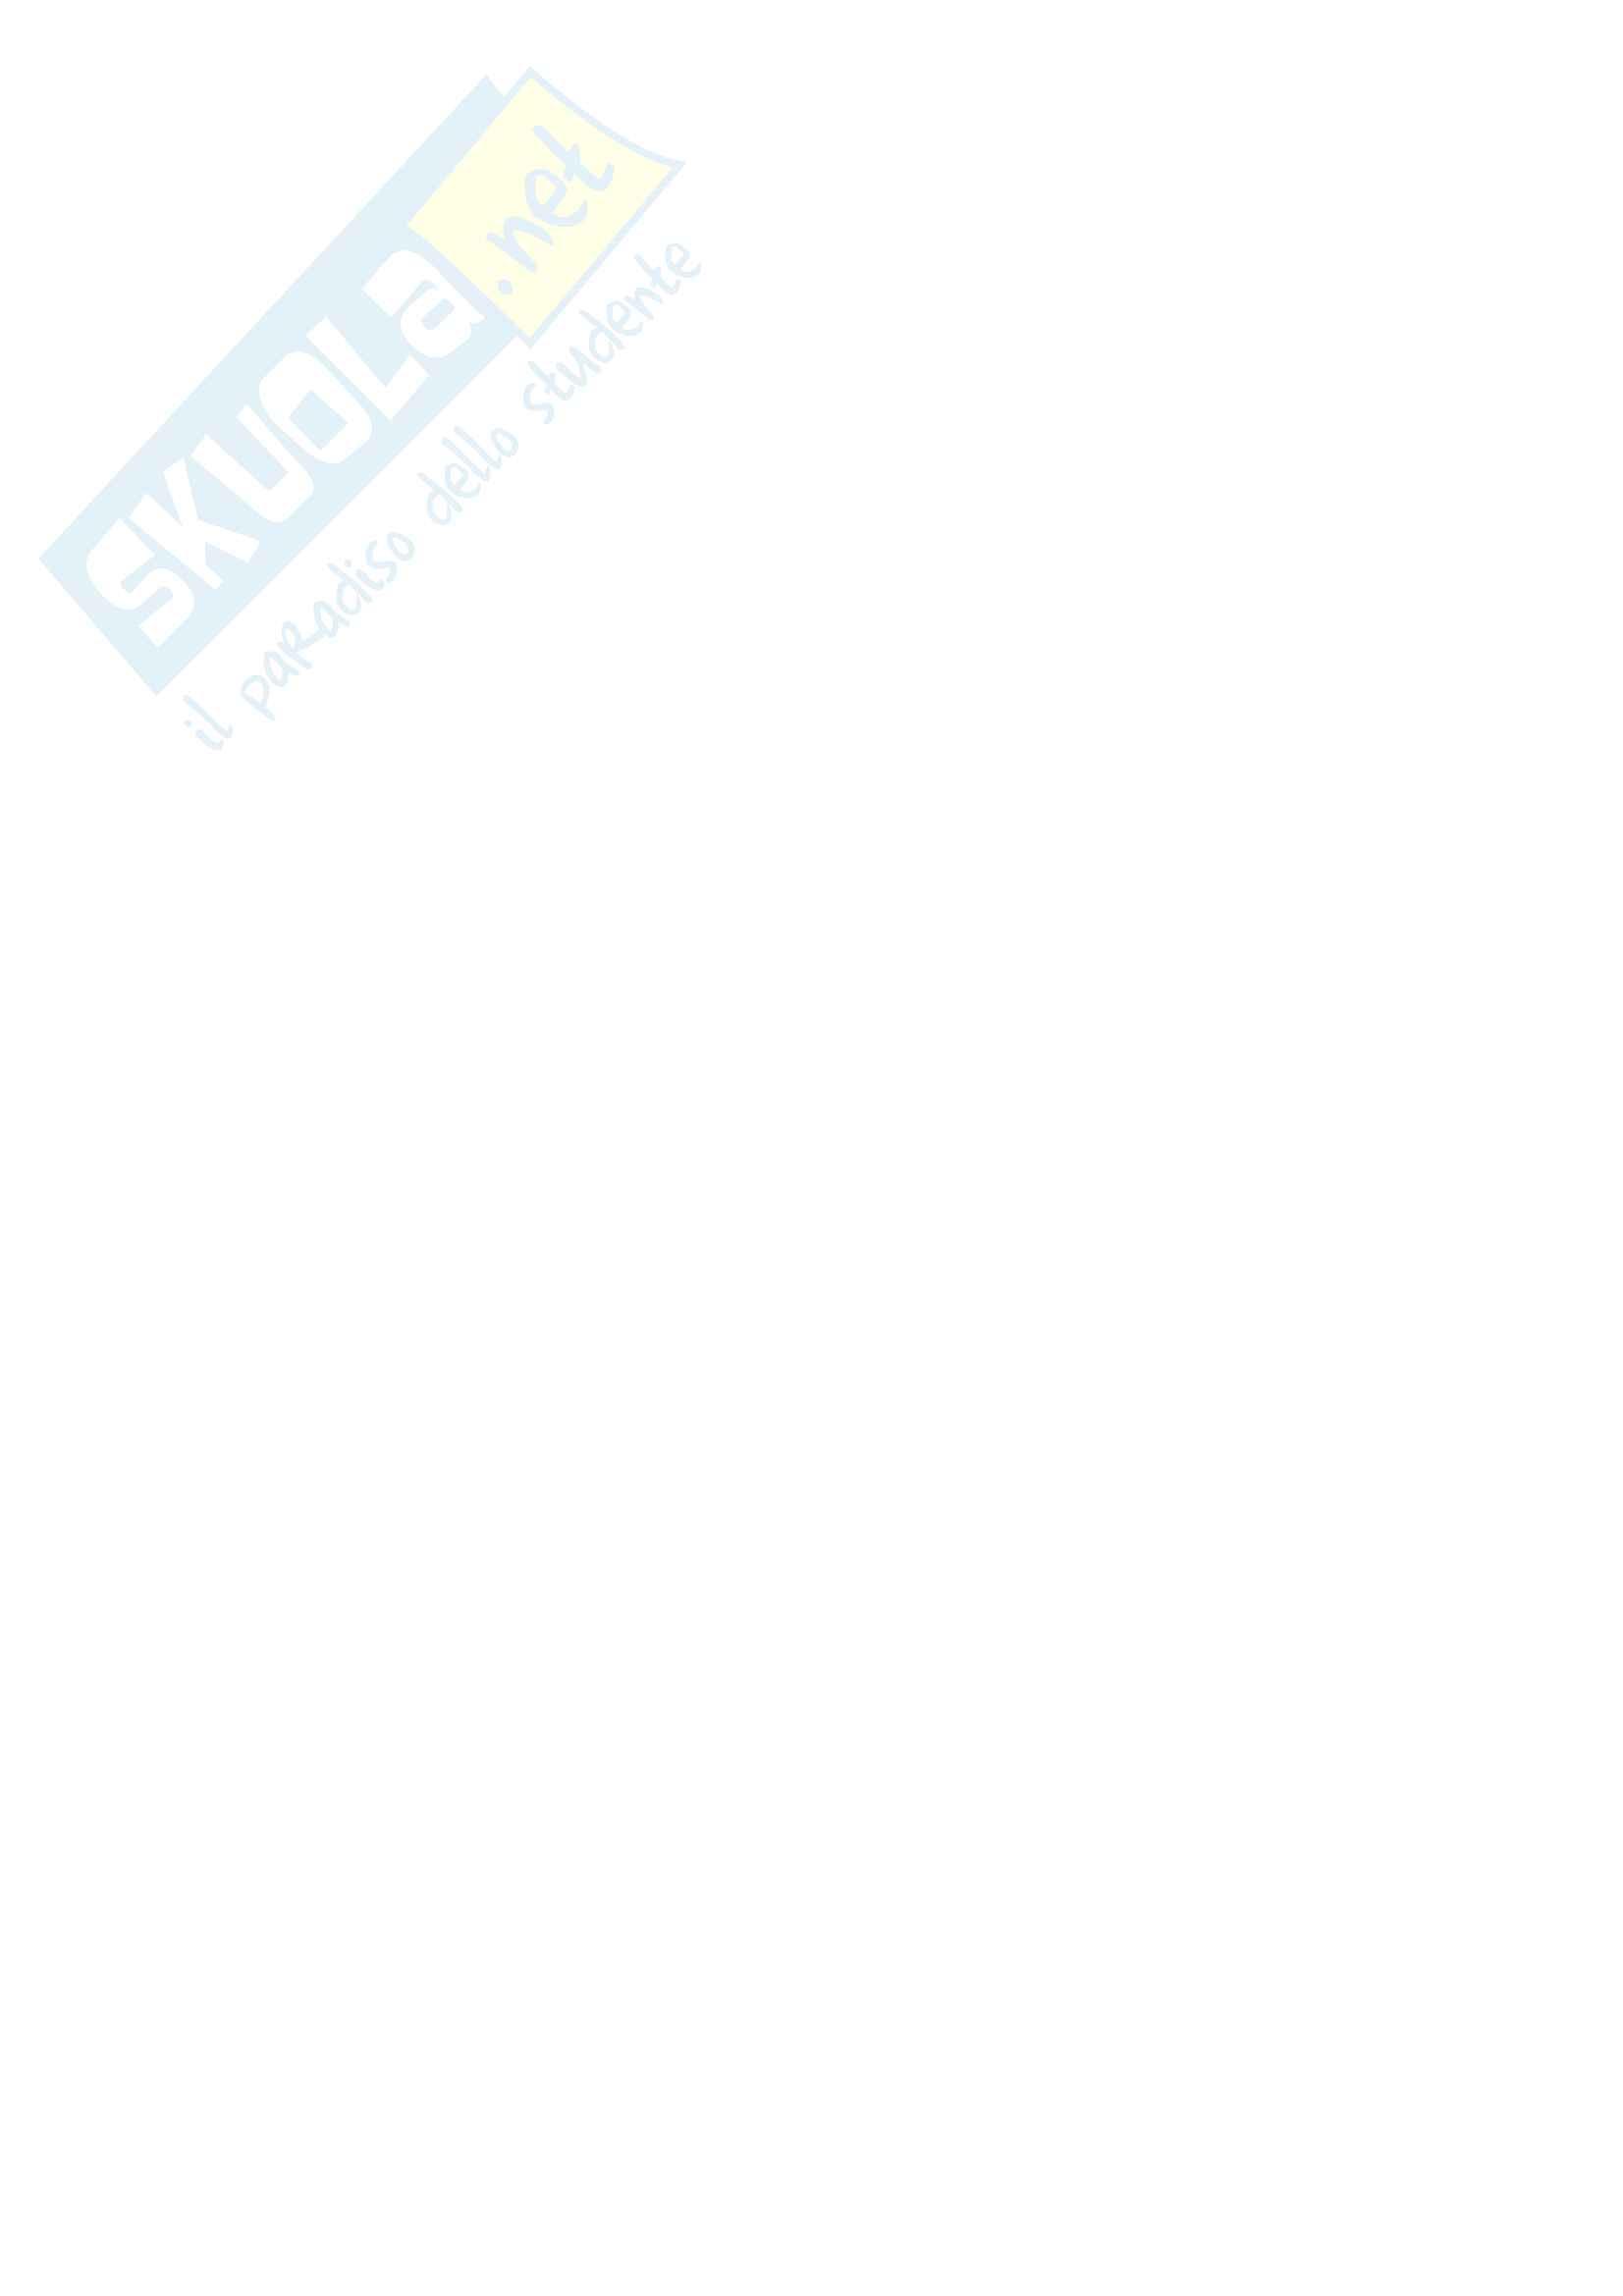 Esercizi d'esame svolti di chimica generale ed inorganica - Ctf e Farmacia Pag. 66